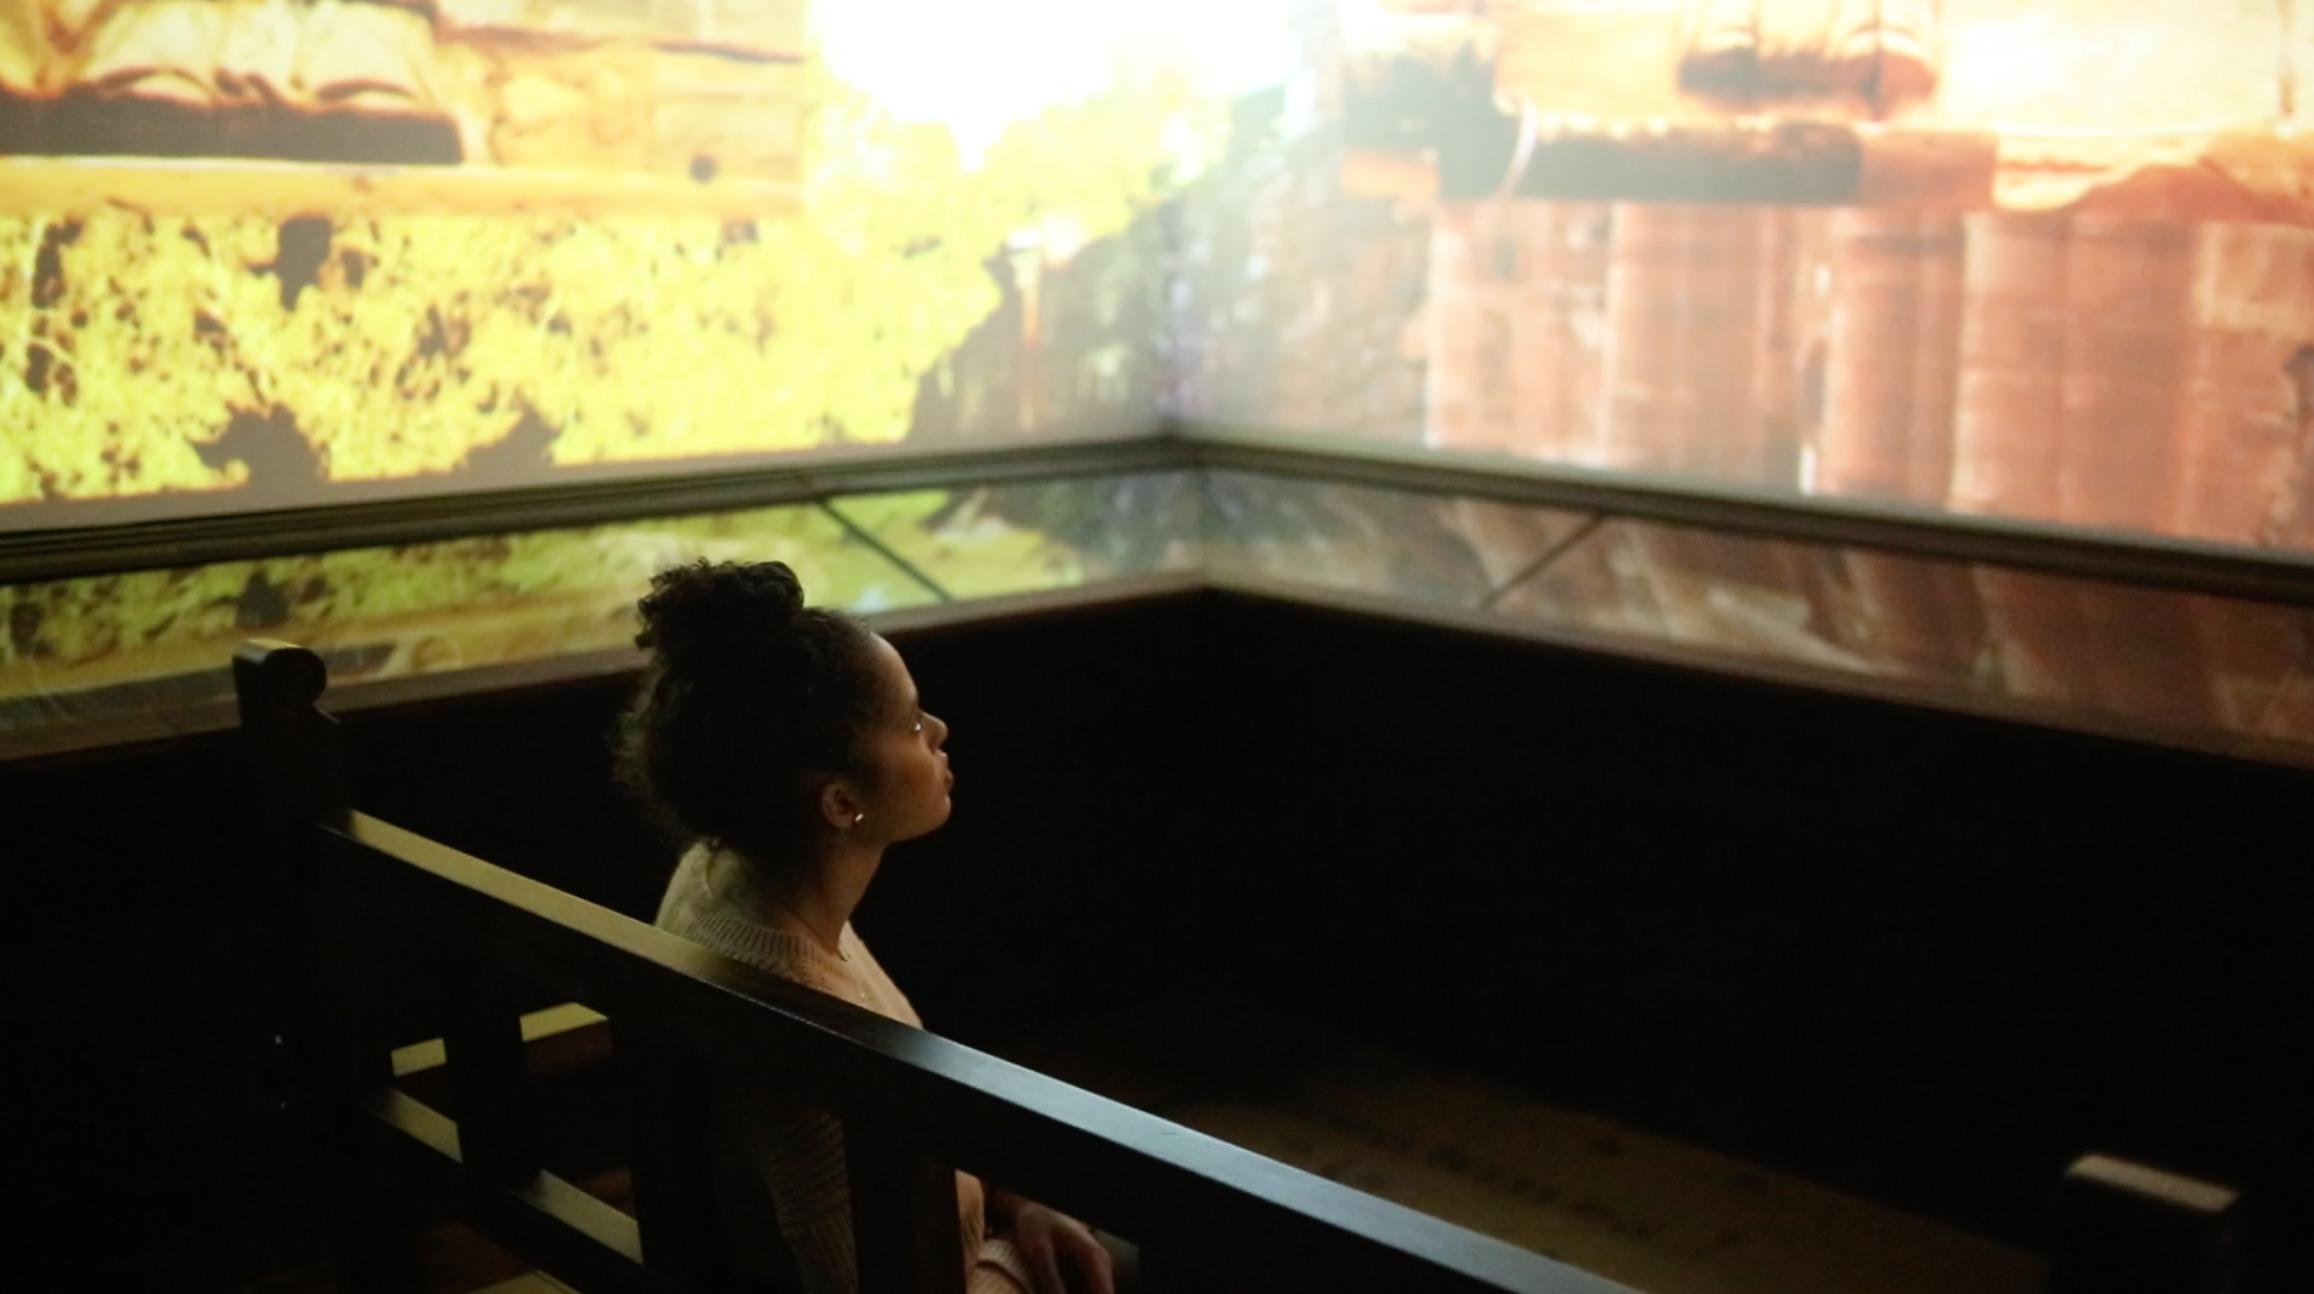 No final do passeio pelo criativo museu do Hotel Guamini Missiones, você será submerso em um cinema para aprender ainda mais sobre a cultura das Missões Jesuíticas